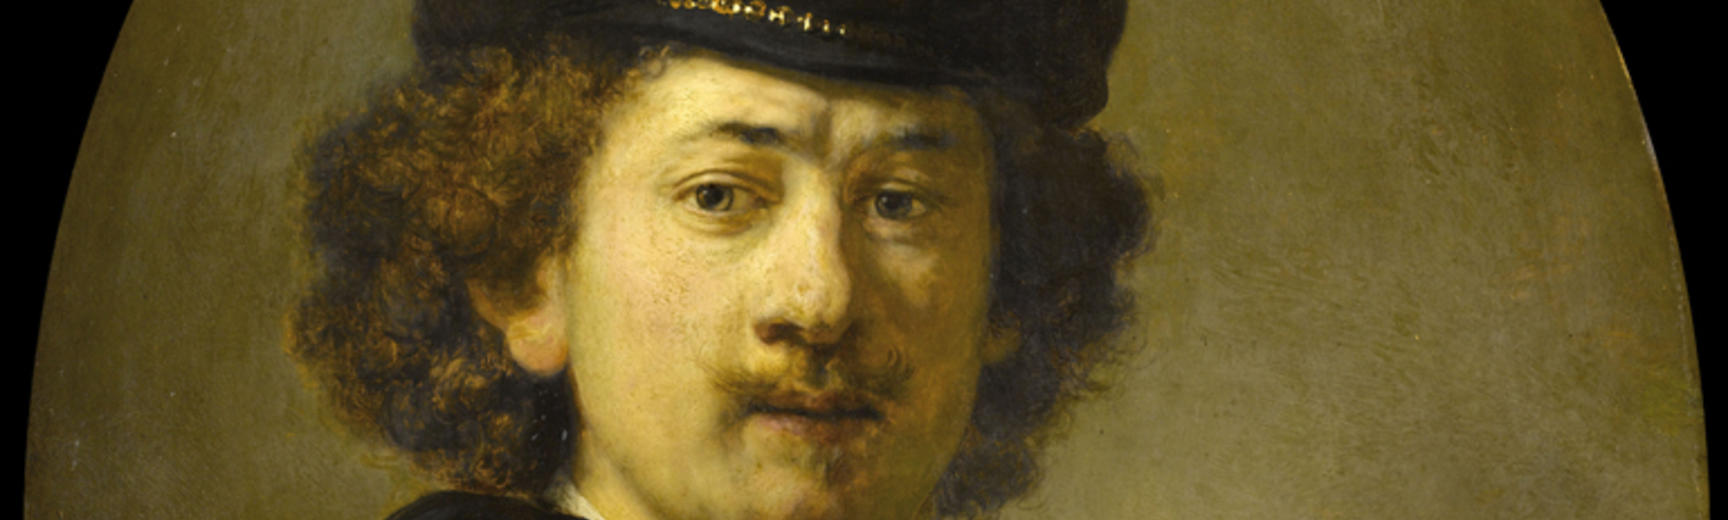 2020 Young Rembrandt Exhibition – Rembrandt, Self-Portrait with Beret and Golden Chain, 1633 © Musée du Louvre, Paris